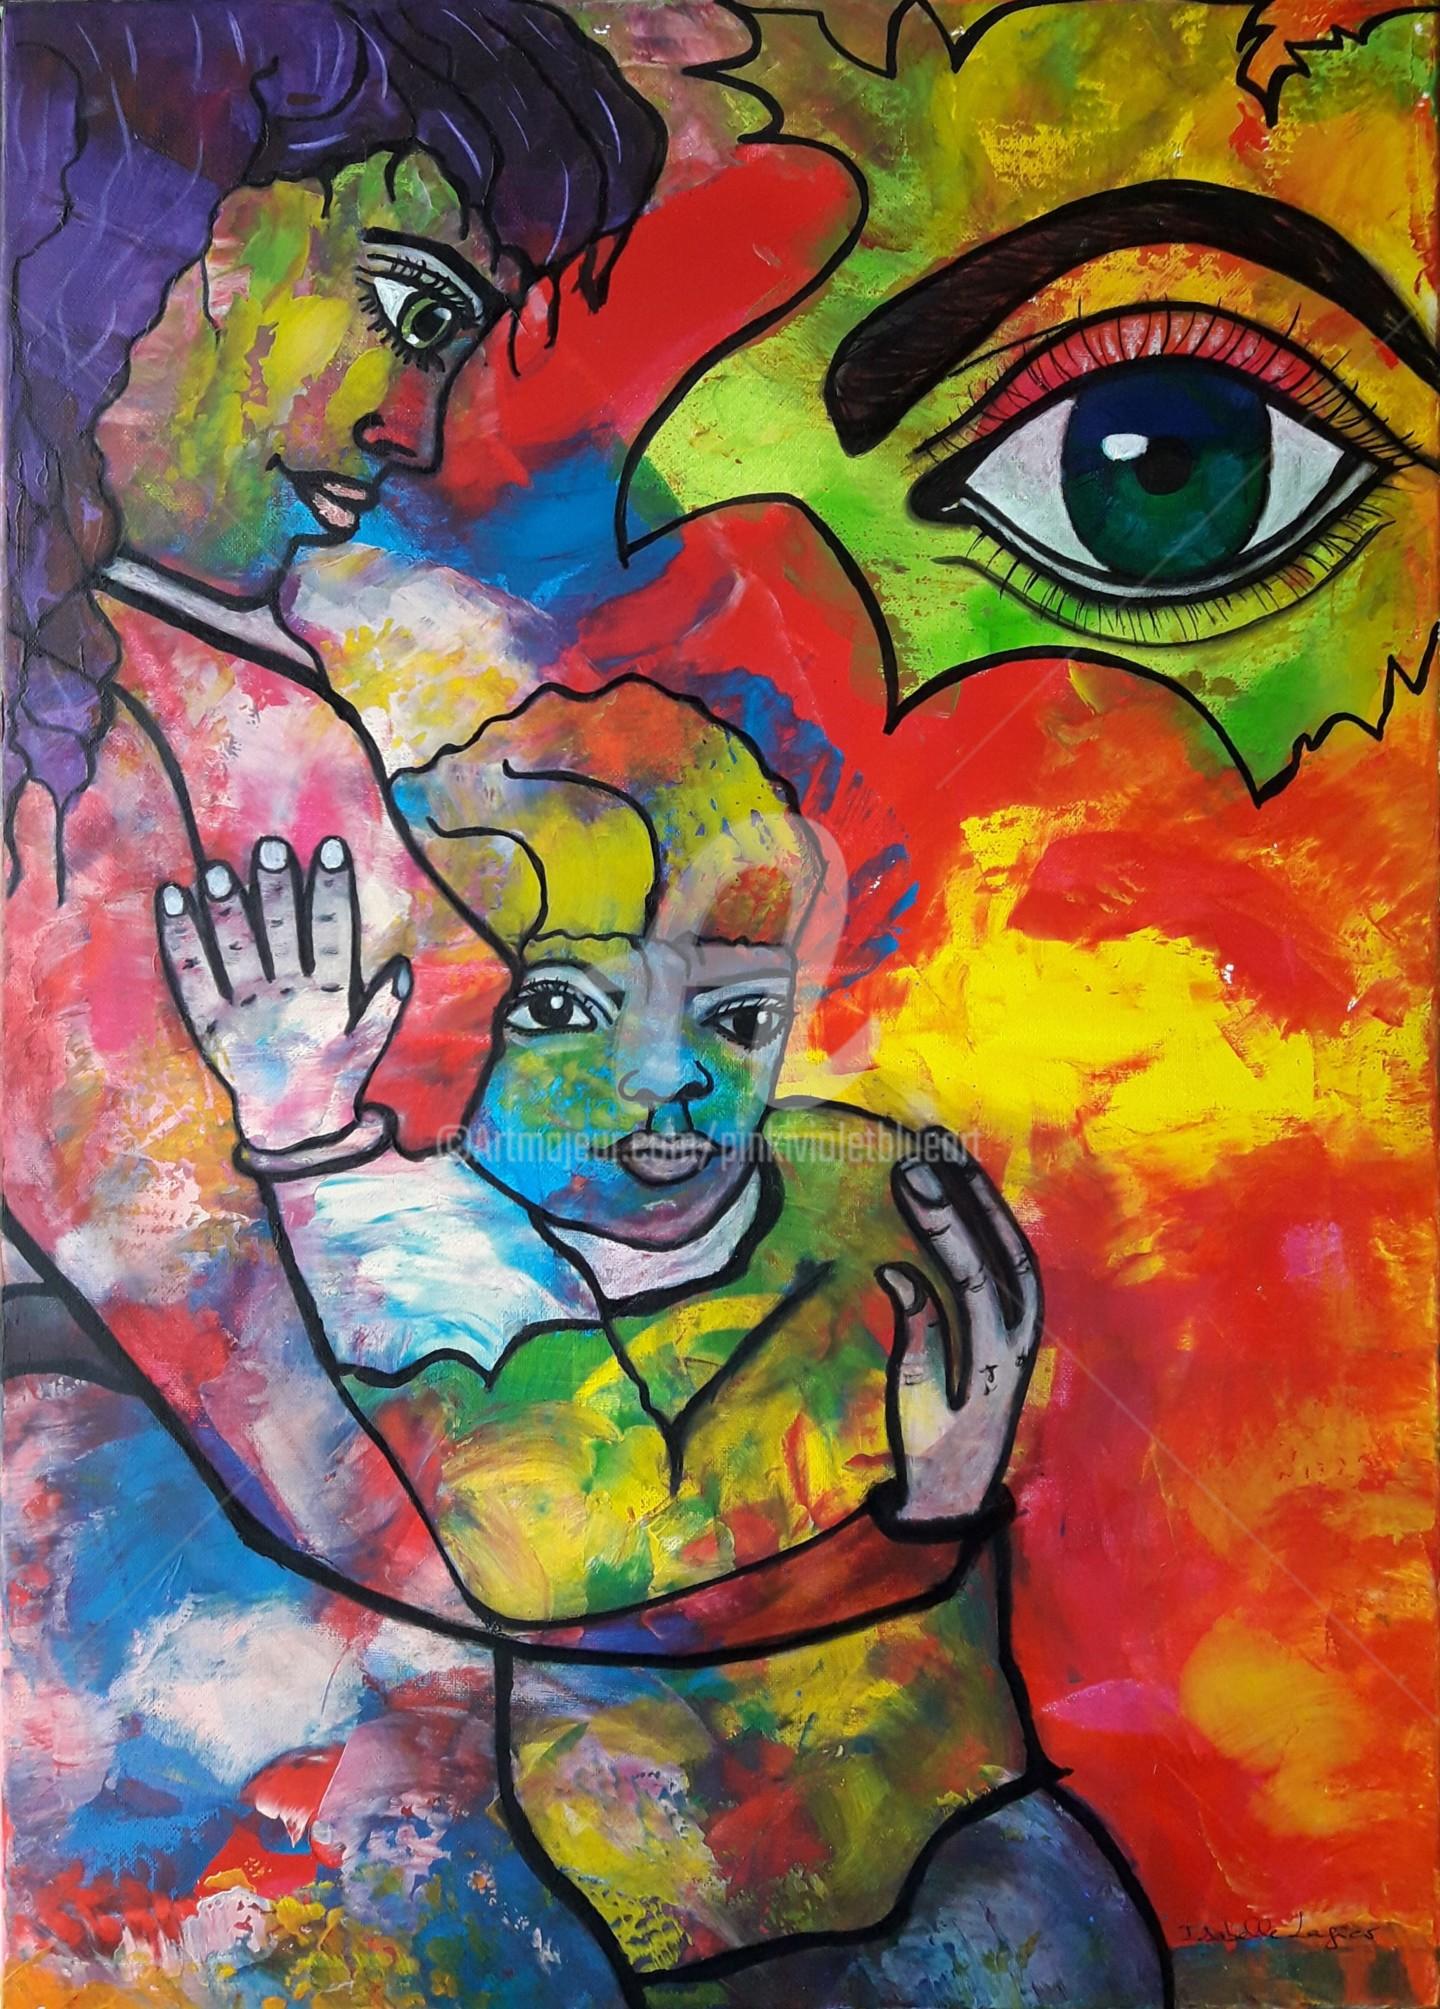 Pinkivioletblue - La demoiselle et l'enfant